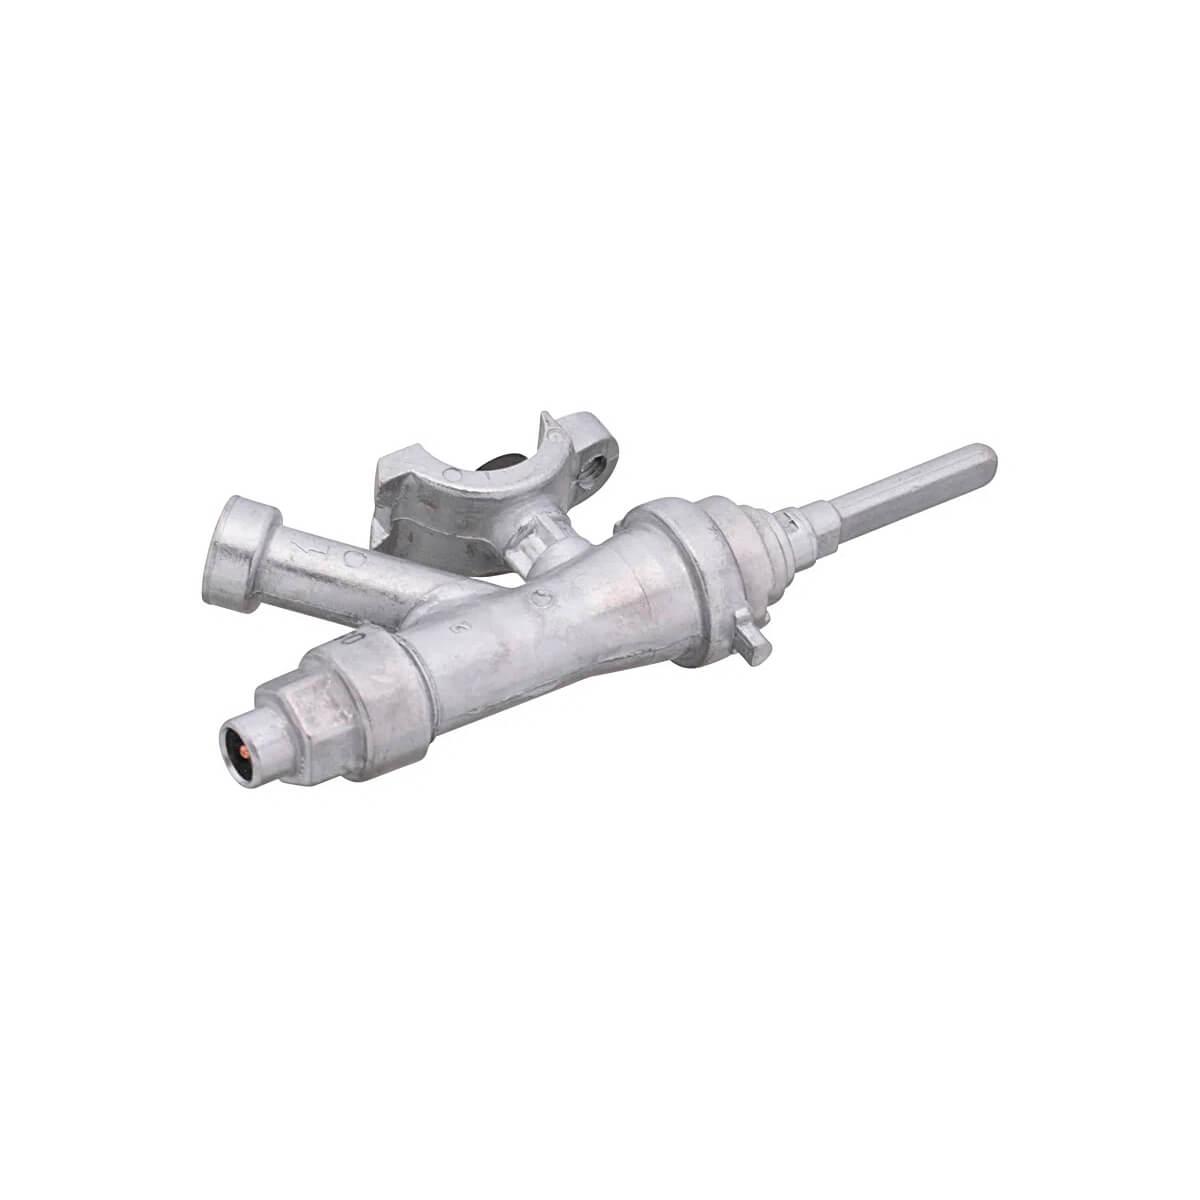 Válvula De Segurança GLP/GN Azul Para Fogão Brastemp/Consul - W10477100